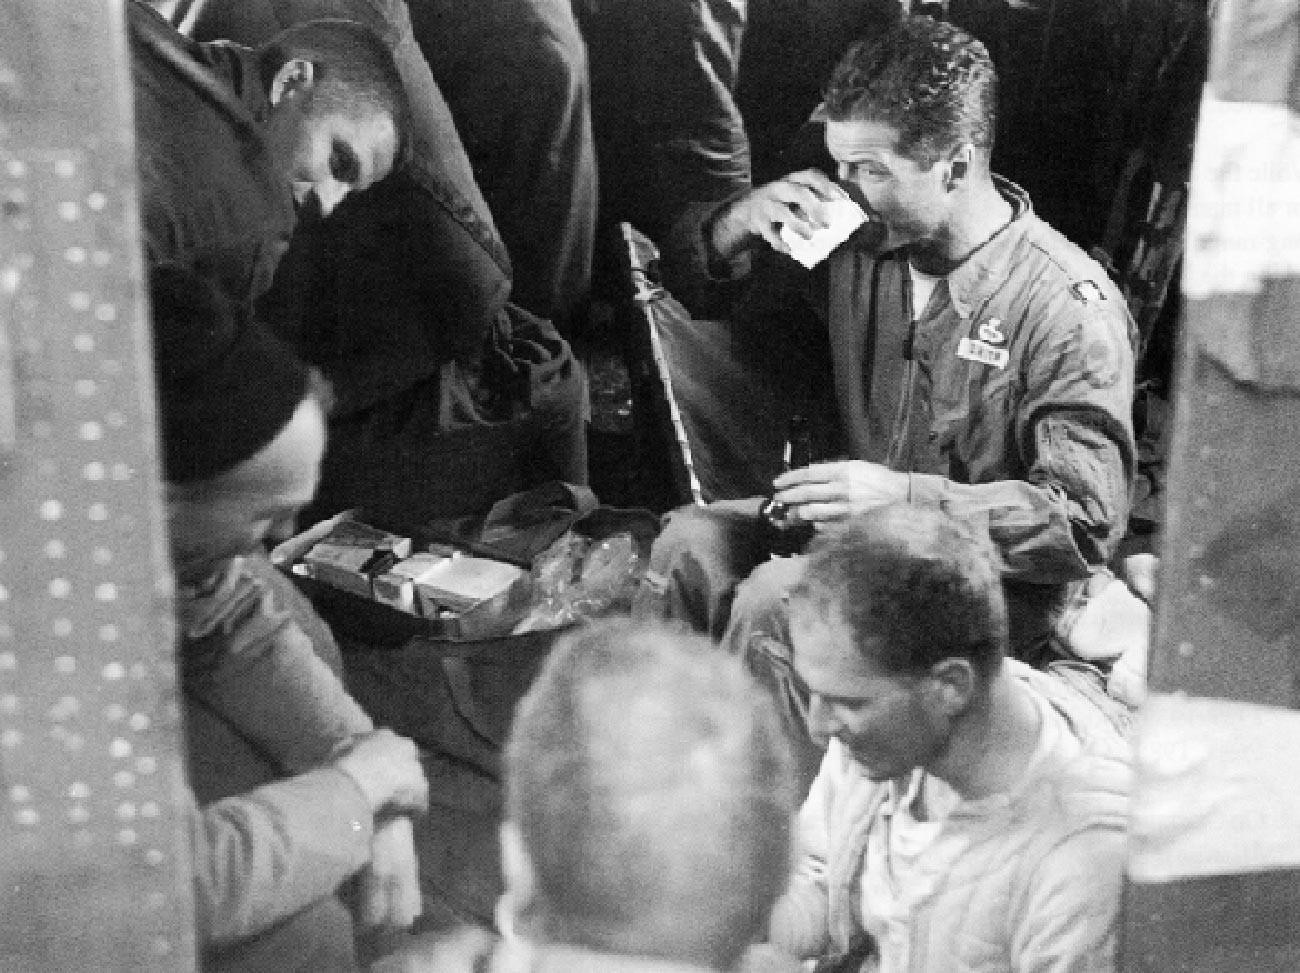 Il maggiore James Smith, 2 giuno 1962